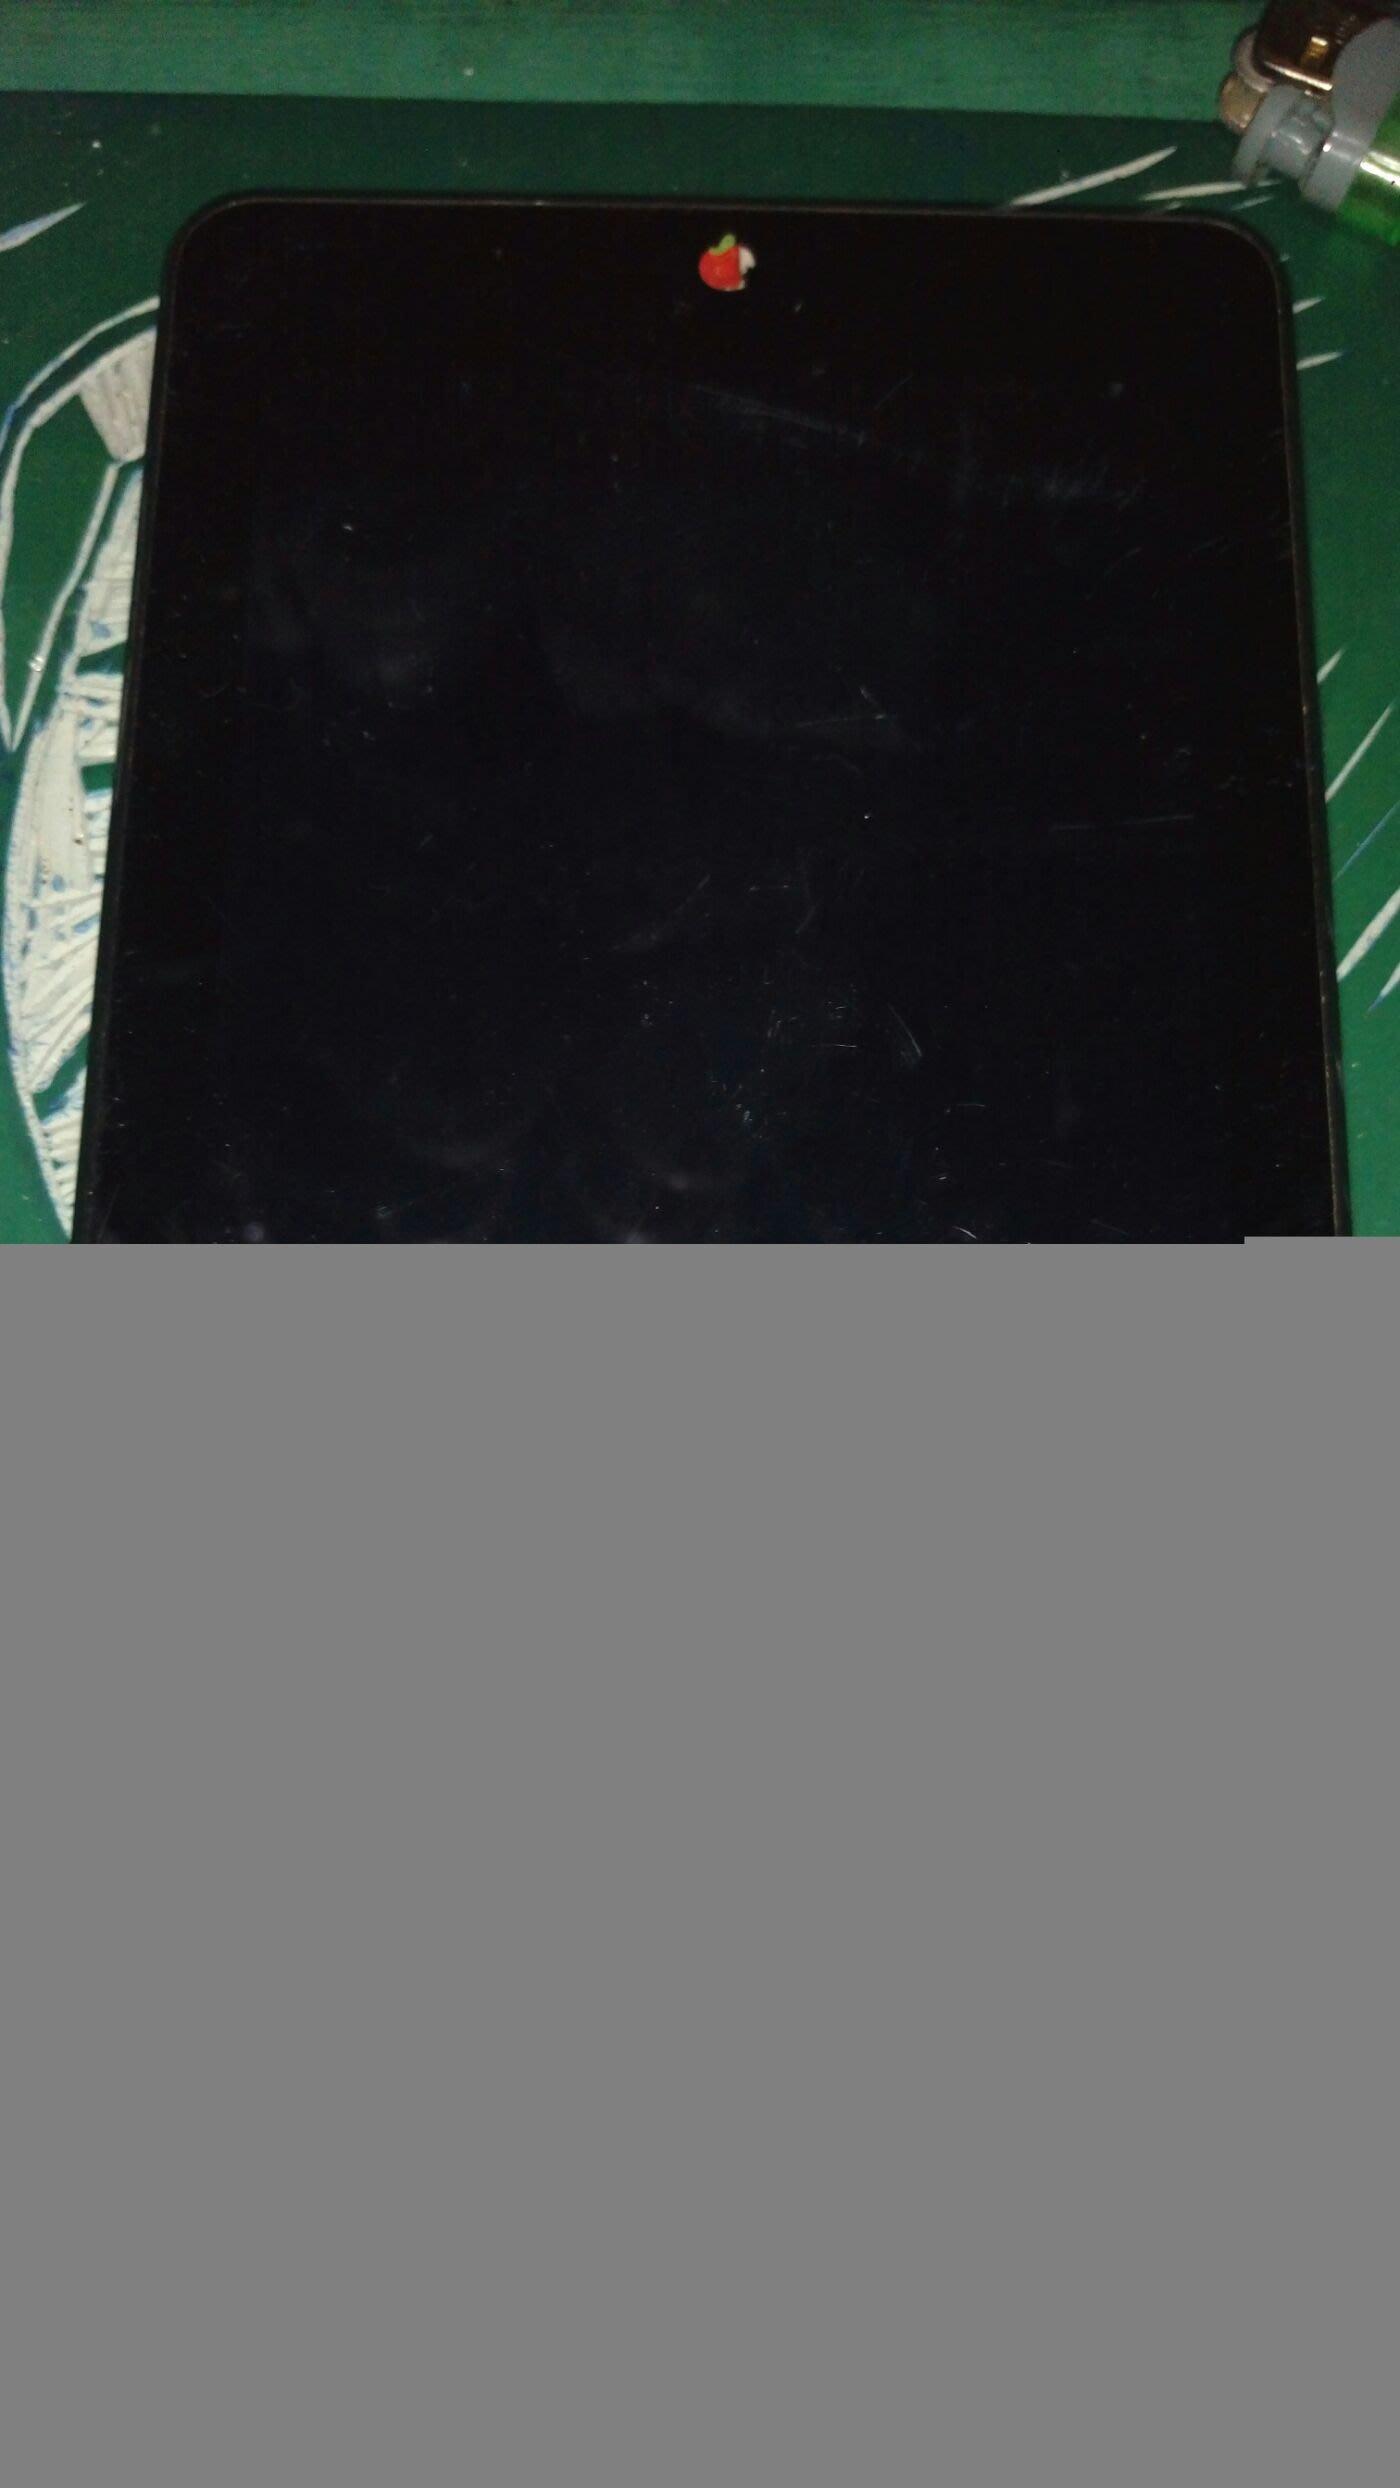 $${故障平板}ASUS Nexus 7 32GB(K008) $$